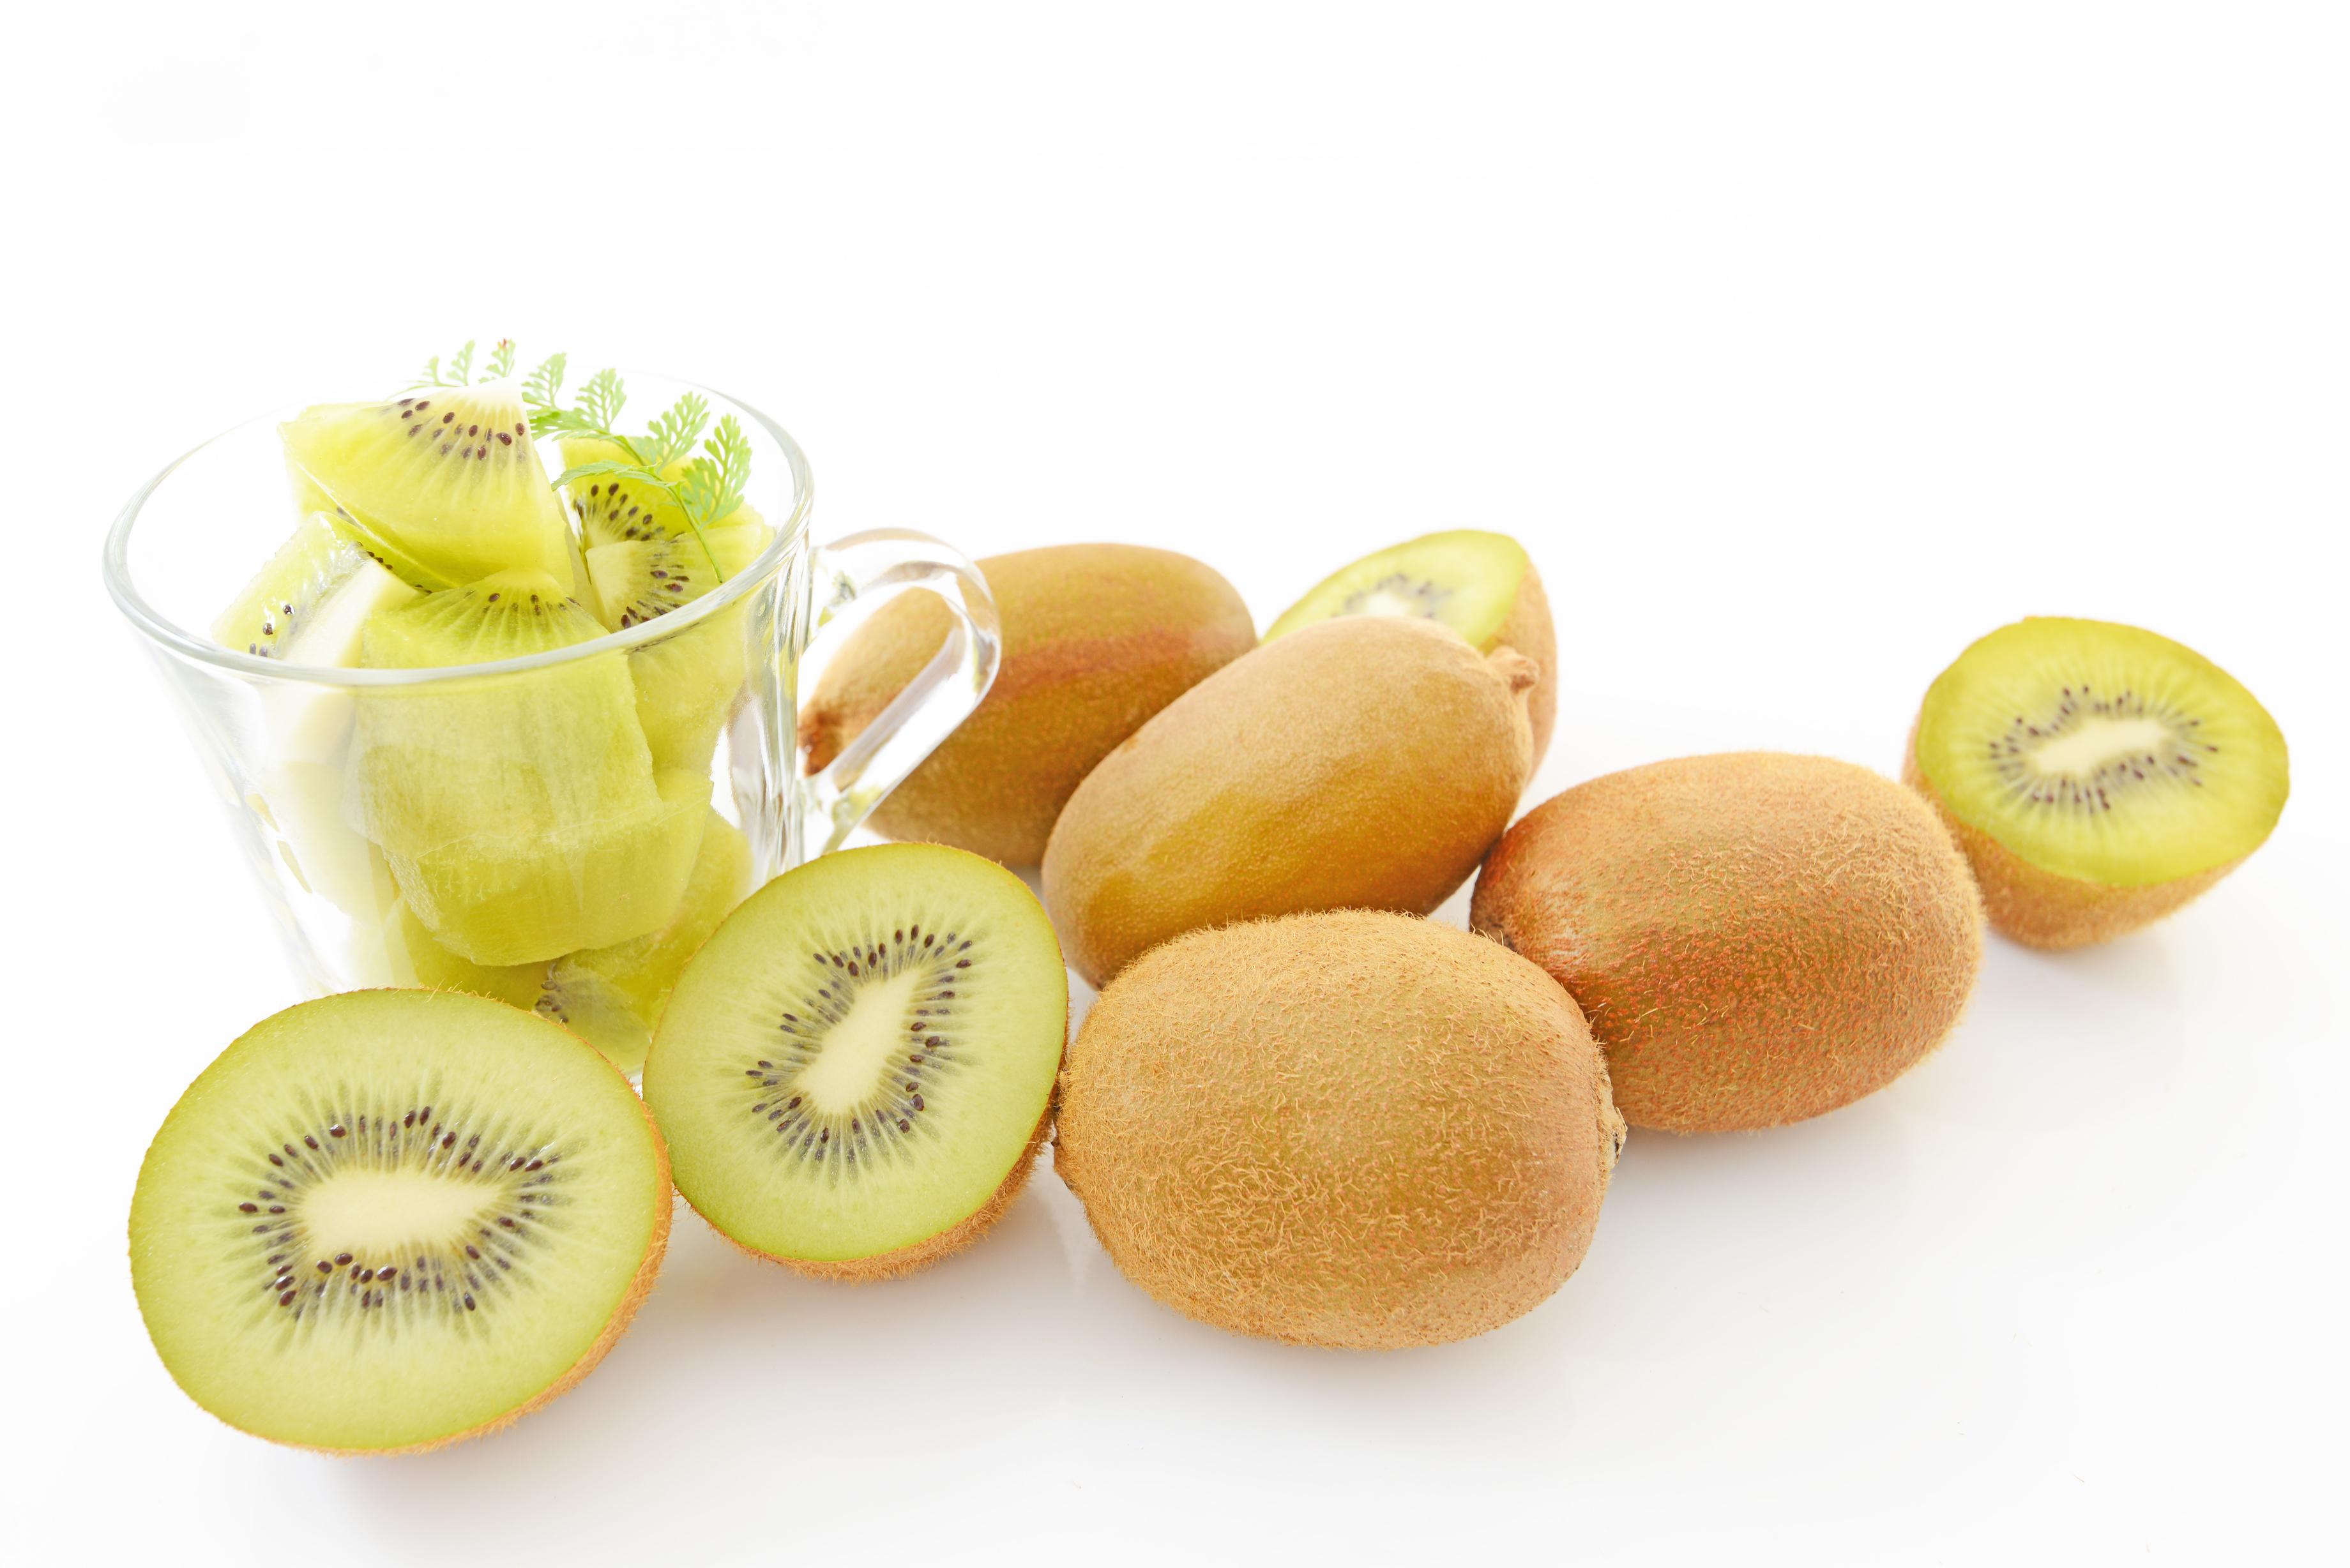 ビタミンC含有量の多い食材・キウイ